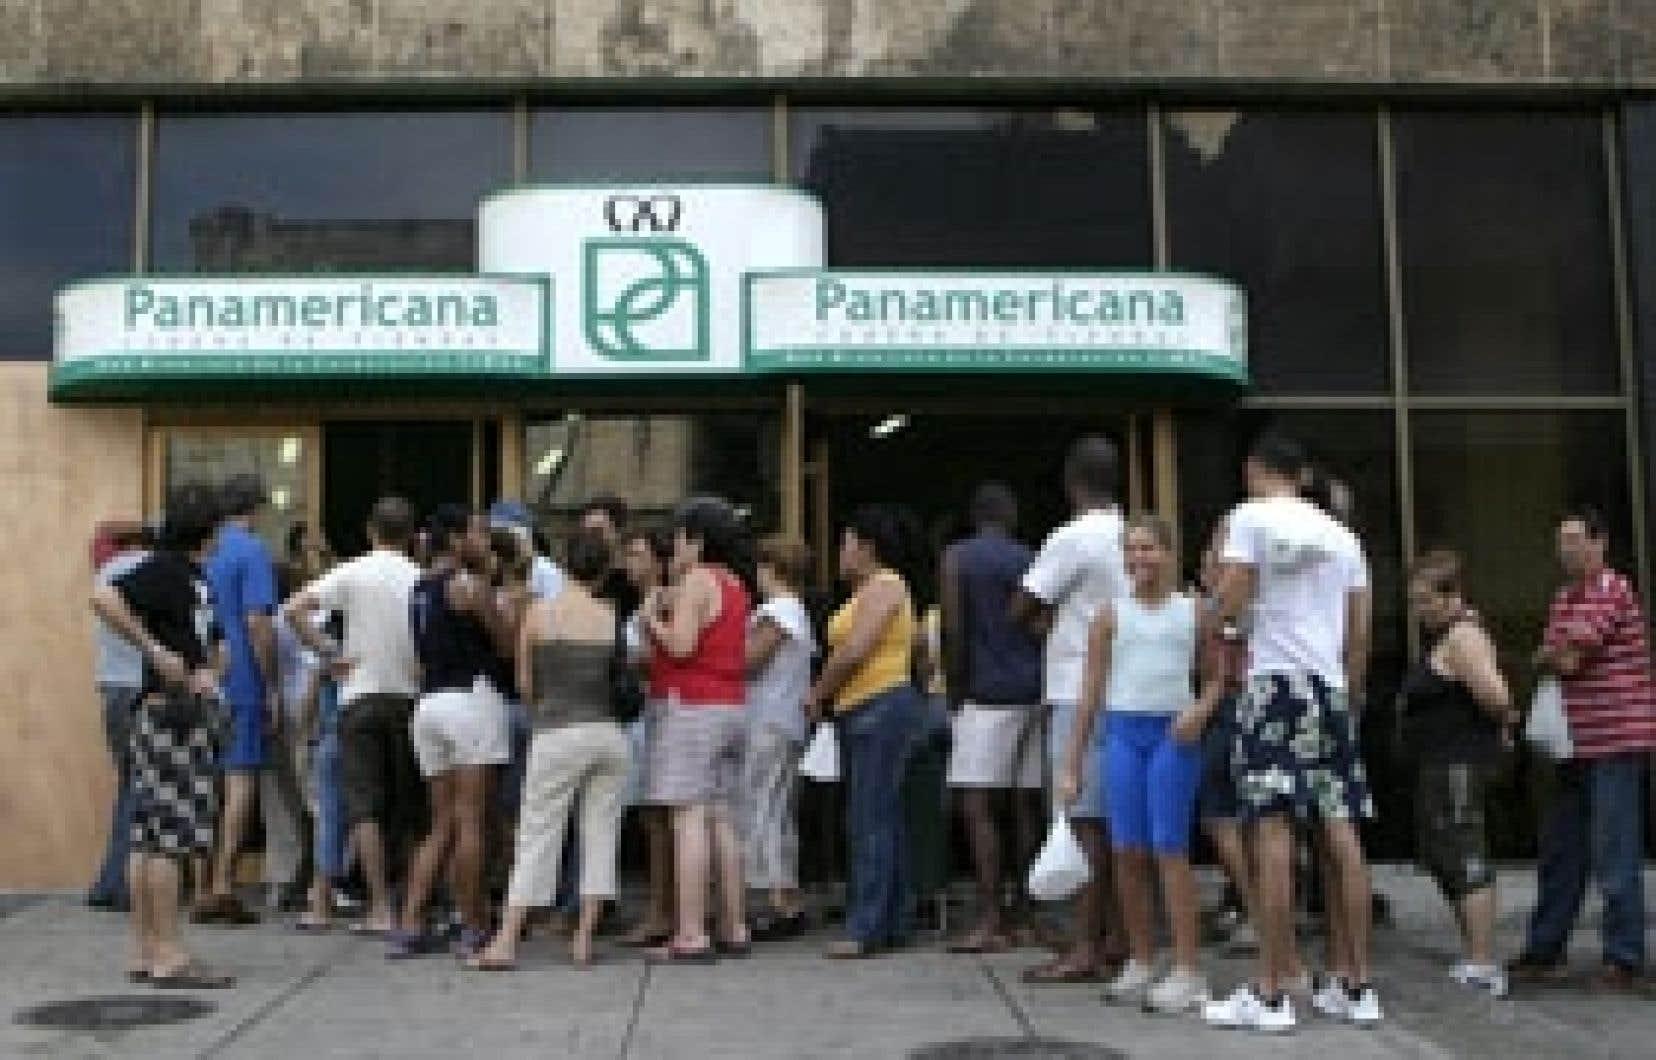 Les Cubains faisaient la queue devant les épiceries, hier à La Havane, en vue de l'arrivée de l'ouragan Ike, qui menaçait tout l'est de l'île.